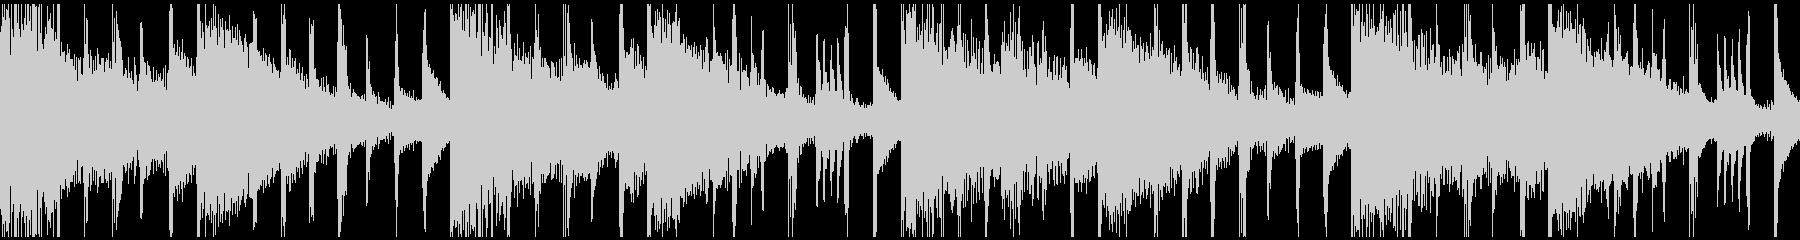 ムーディなバラードBGM(ループ仕様)の未再生の波形